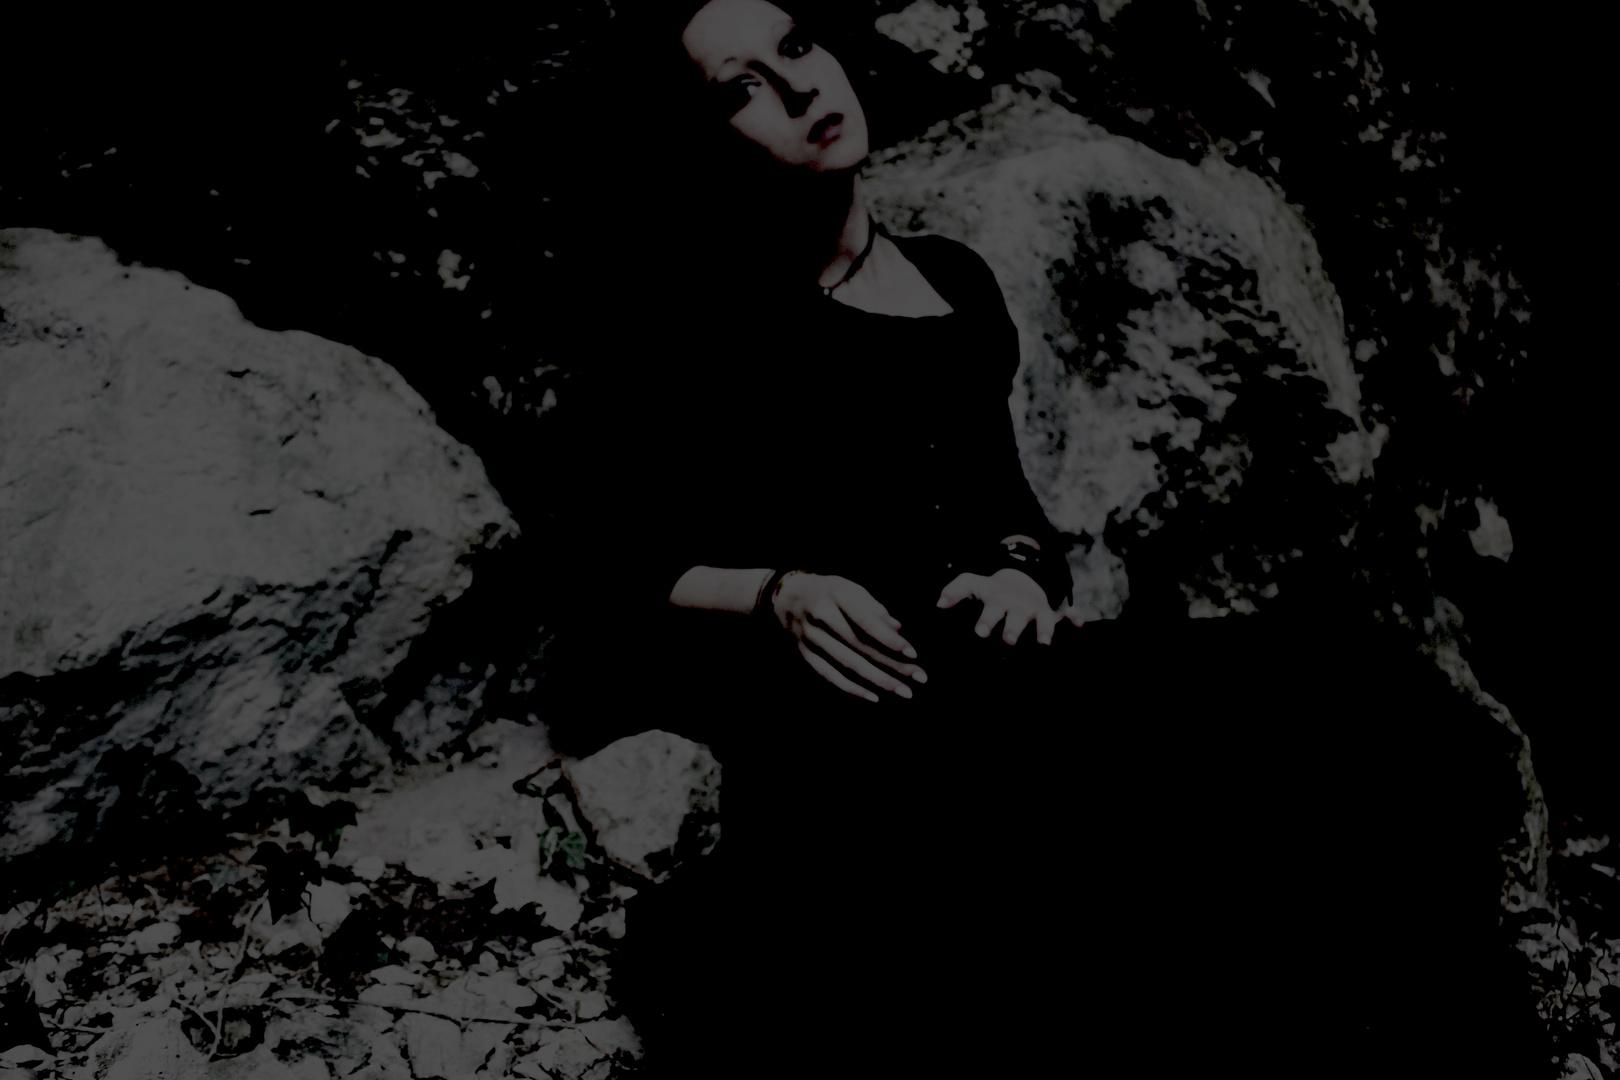 Dans l'ombre des roches sont enfouits les rêves anciens